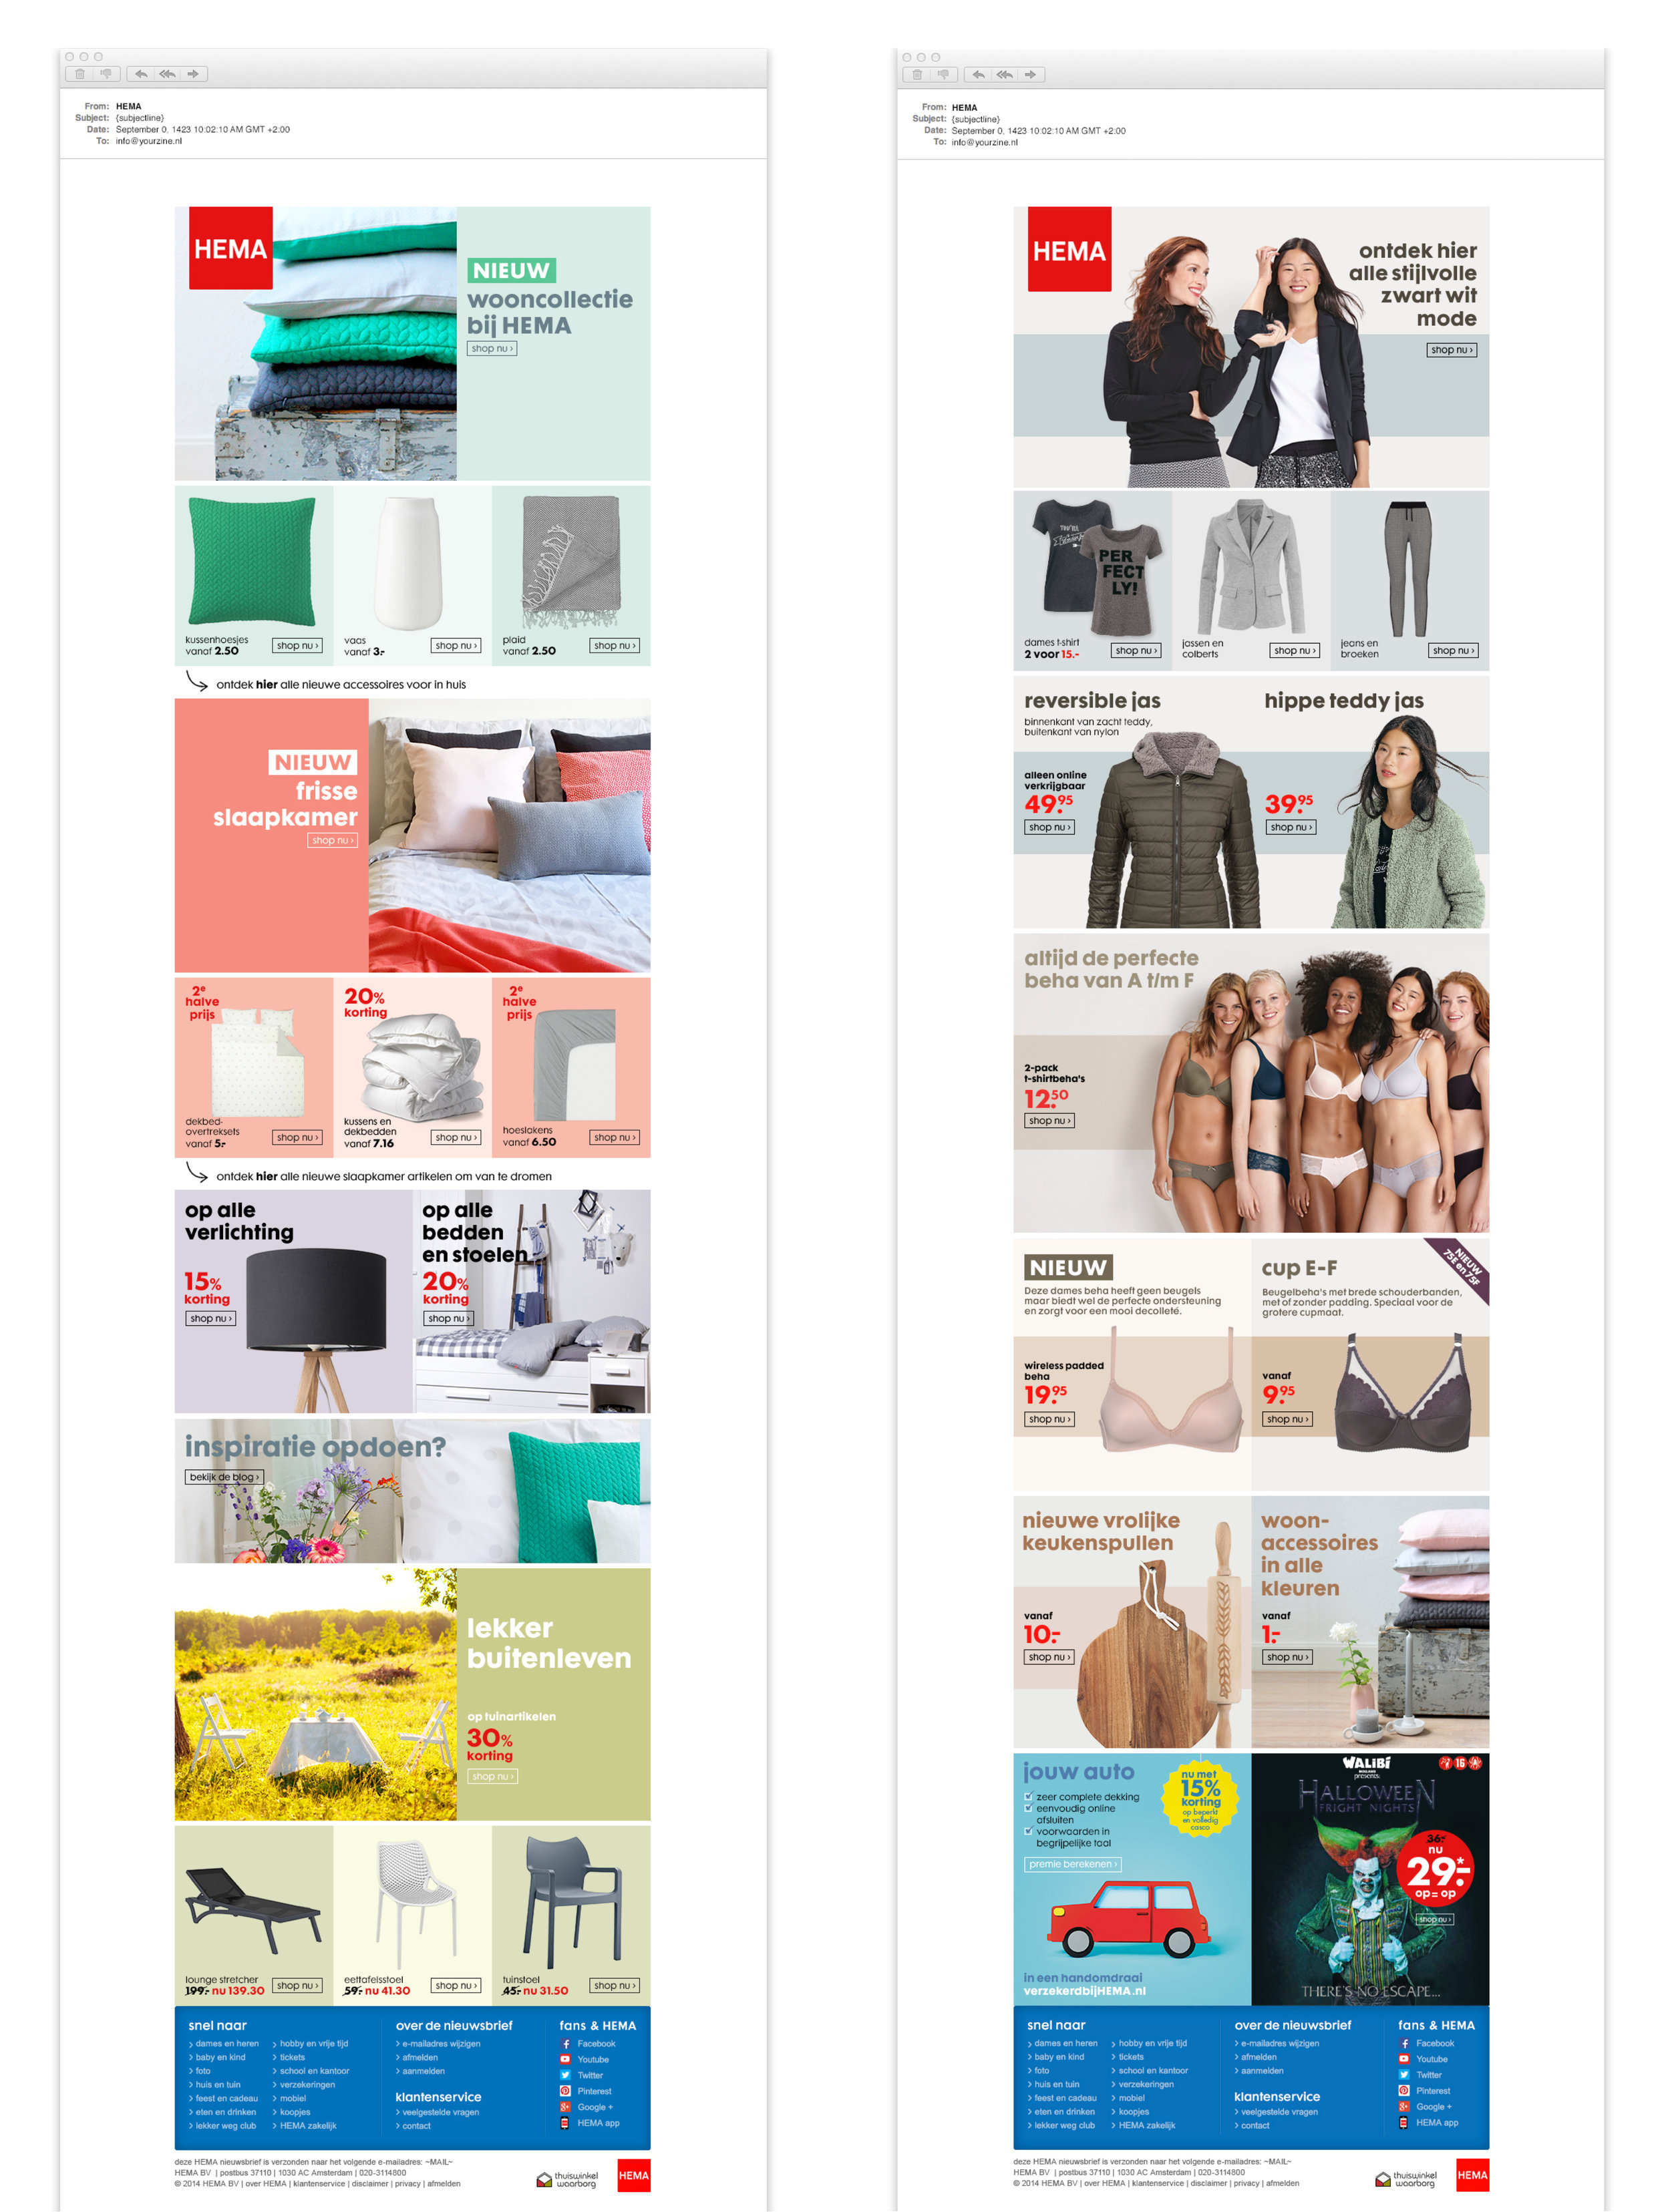 Hema_Newsletter.jpg